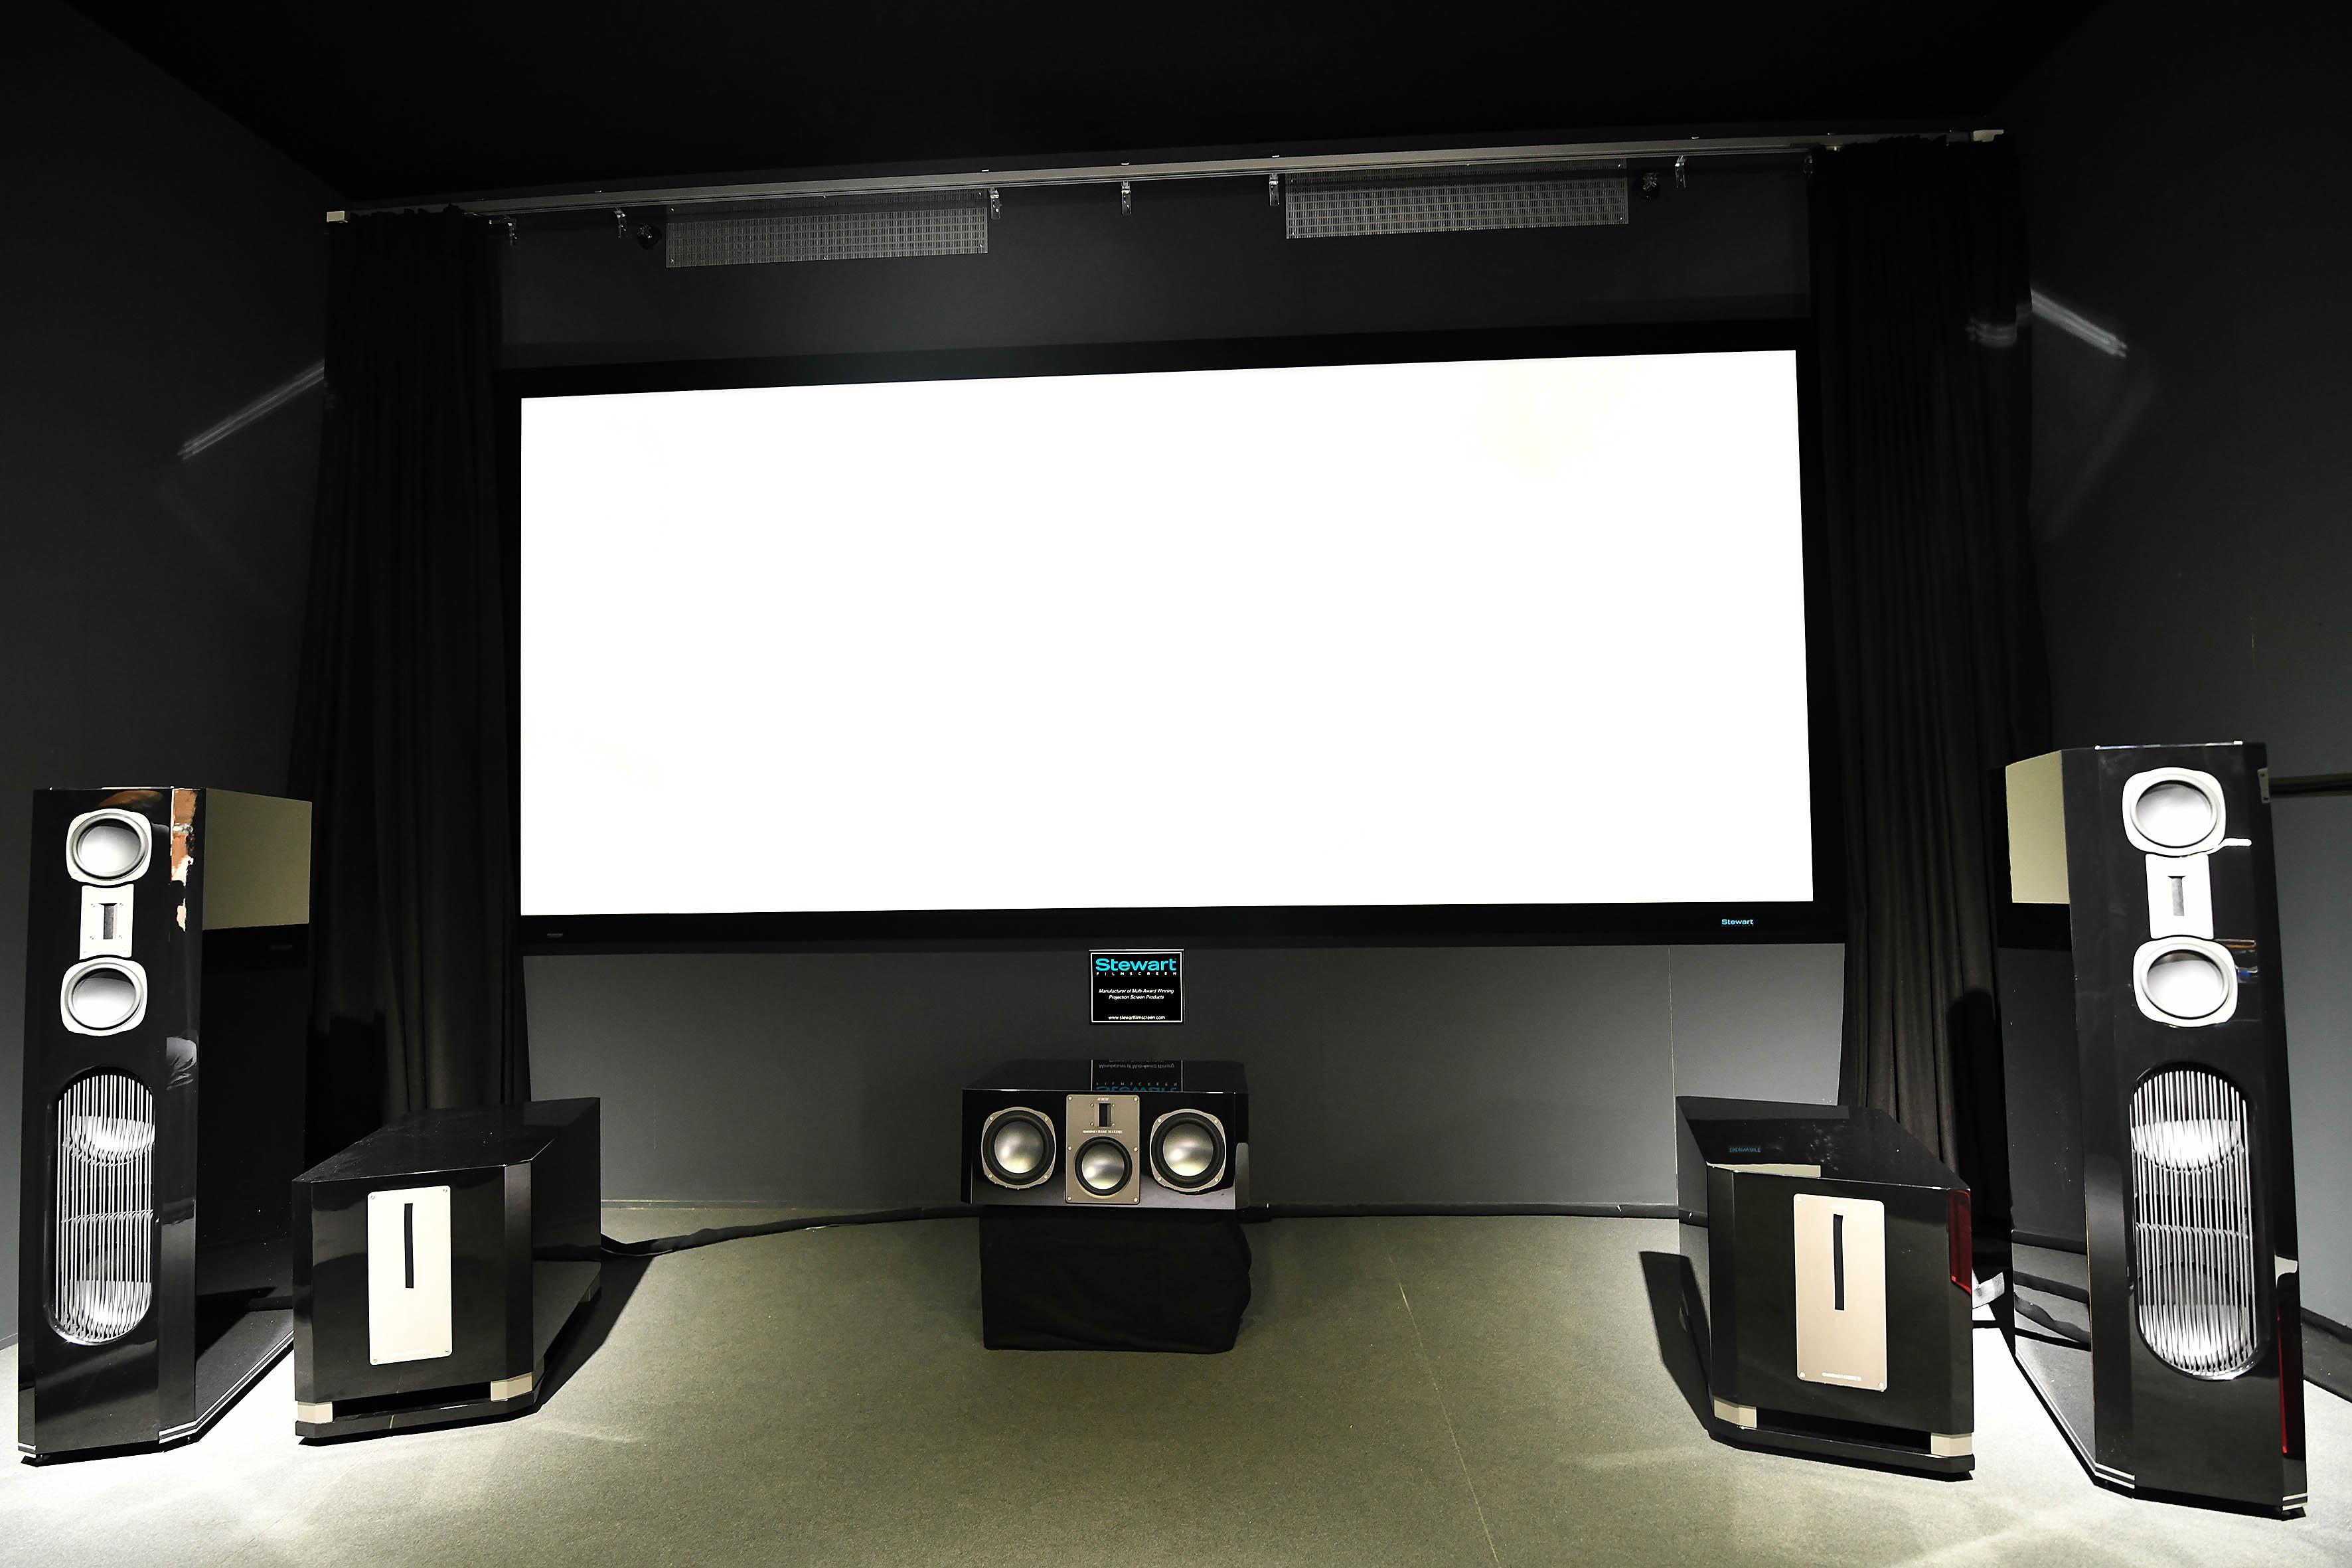 Foto: Michael B. Rehders Rang und Namen: Die 3,80 m breite Leinwand kommt aus dem Hause Stewart und besitzt einen Gainfaktor von 1,3. Die Lautsprecher stellt die Firma Cinemike zur Verfügung, so dass für effektvollen Ton gesorgt ist.